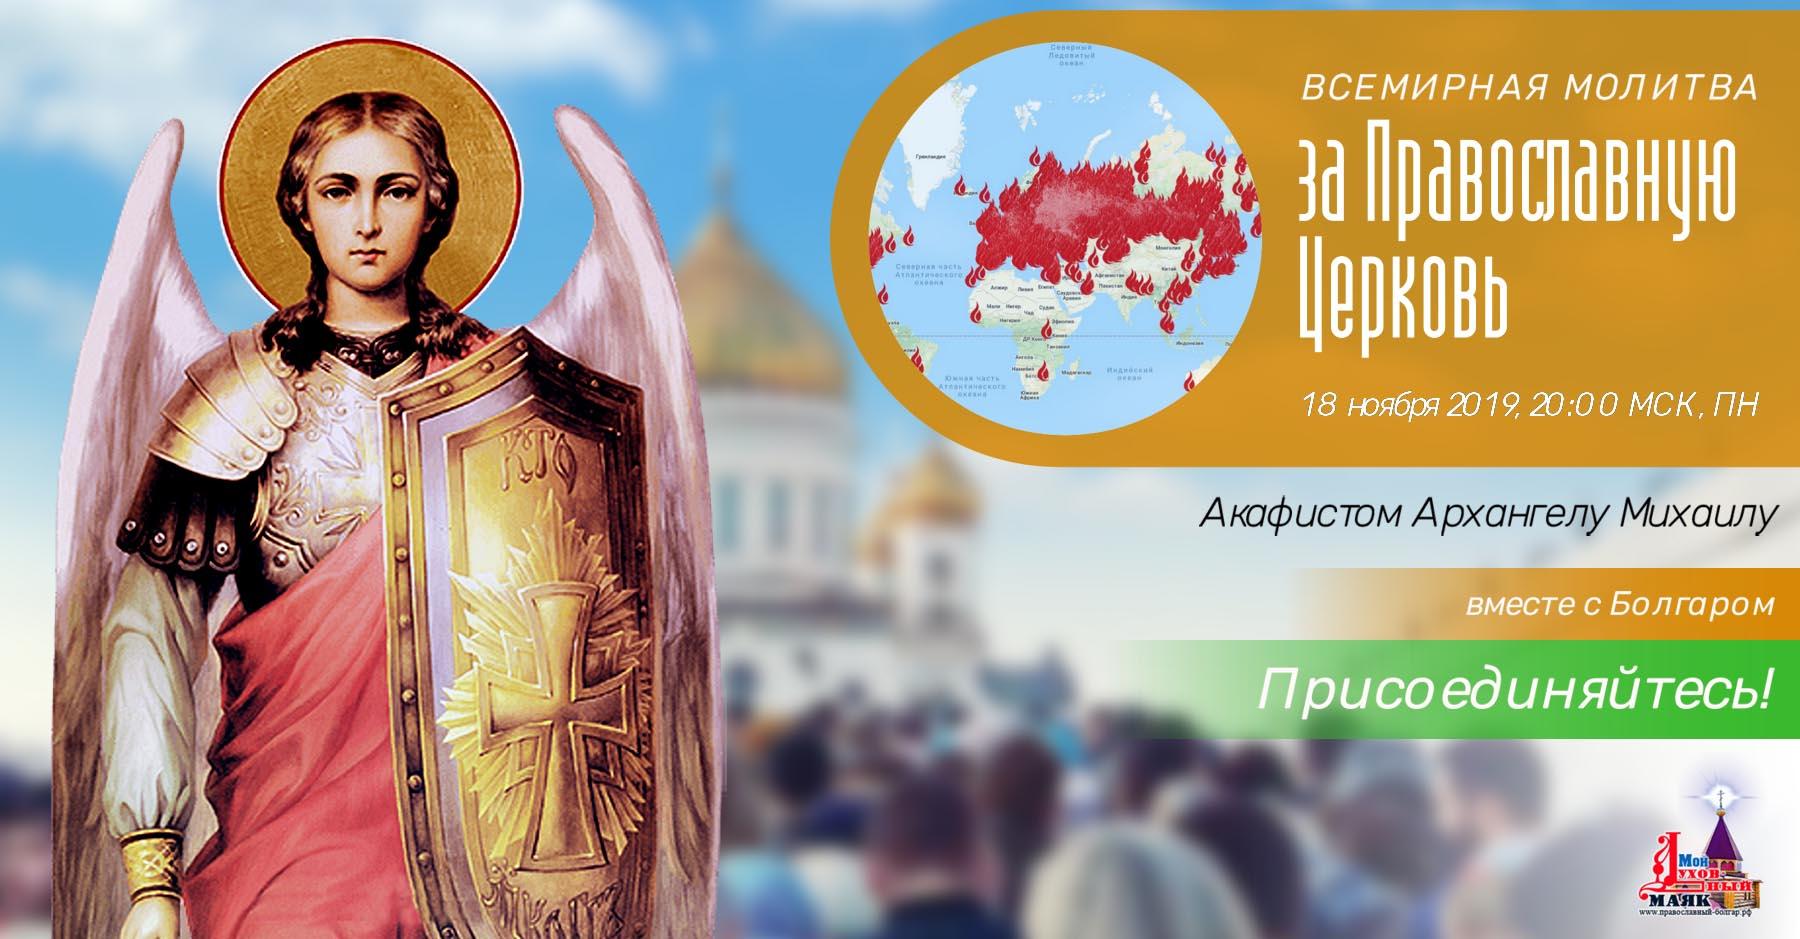 18 ноября 2019 года - День Всемирной соборной молитвы за Православную Церковь!